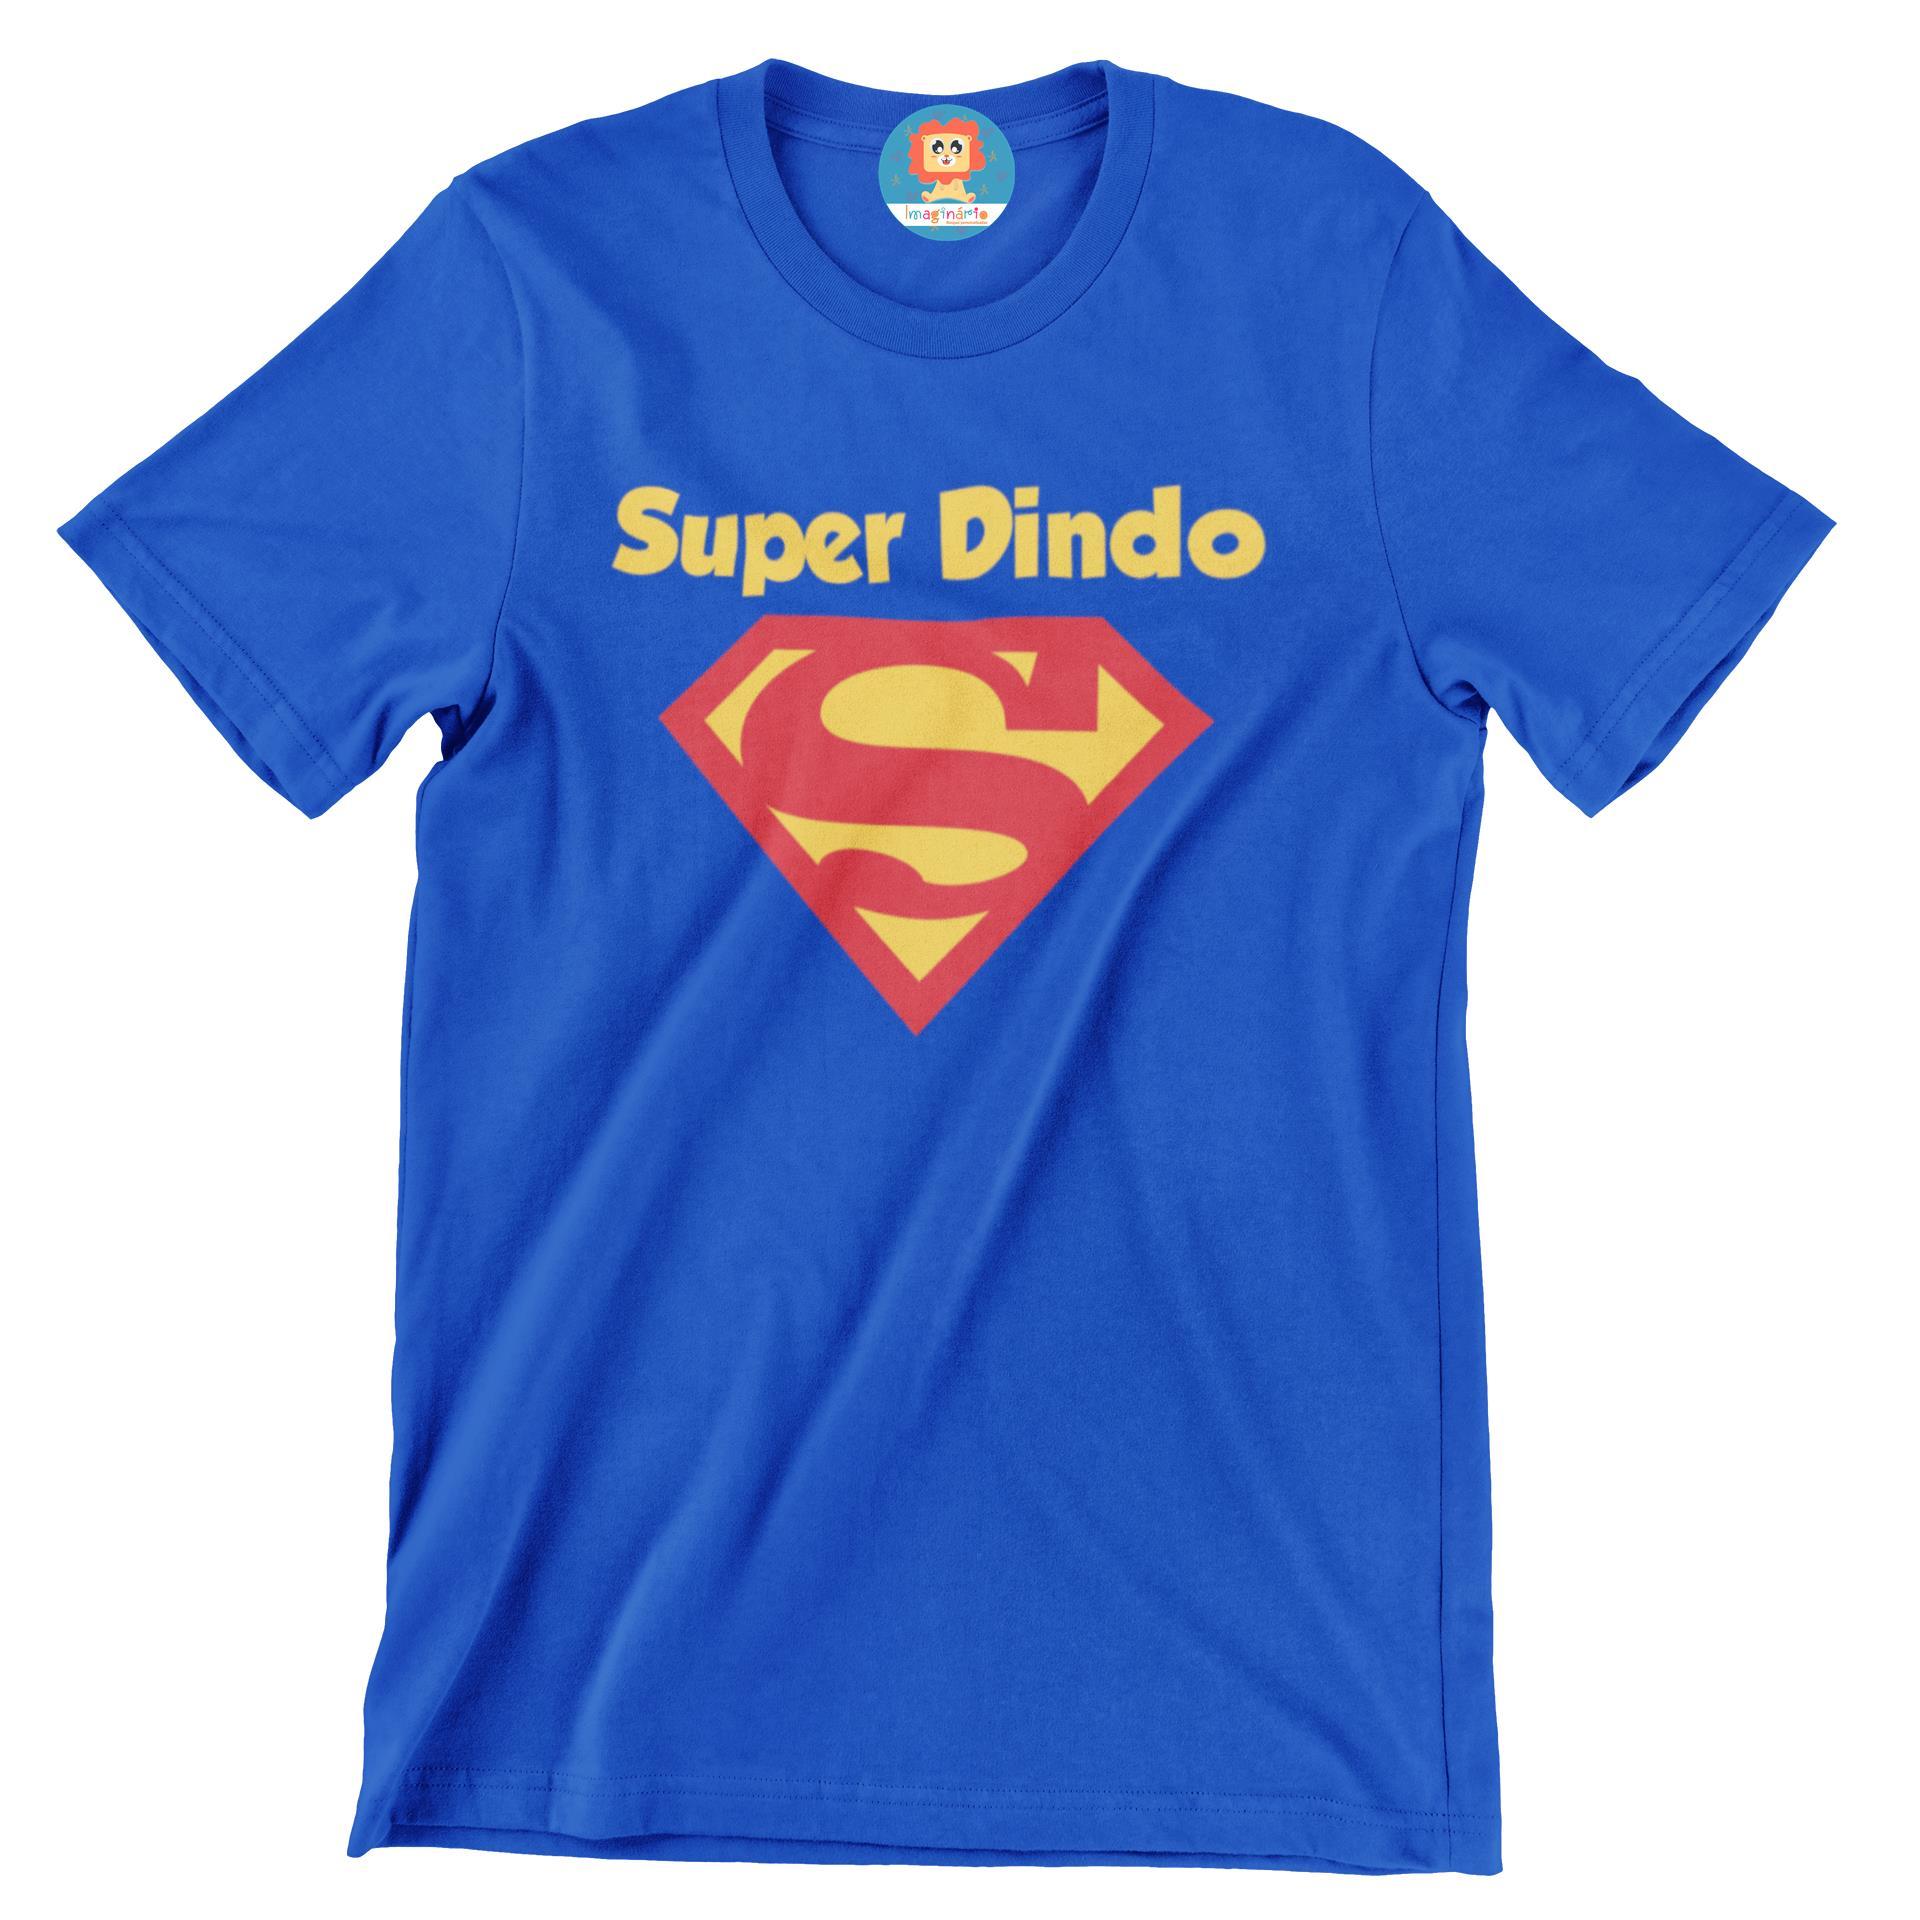 Camiseta Adulto Super Dindo